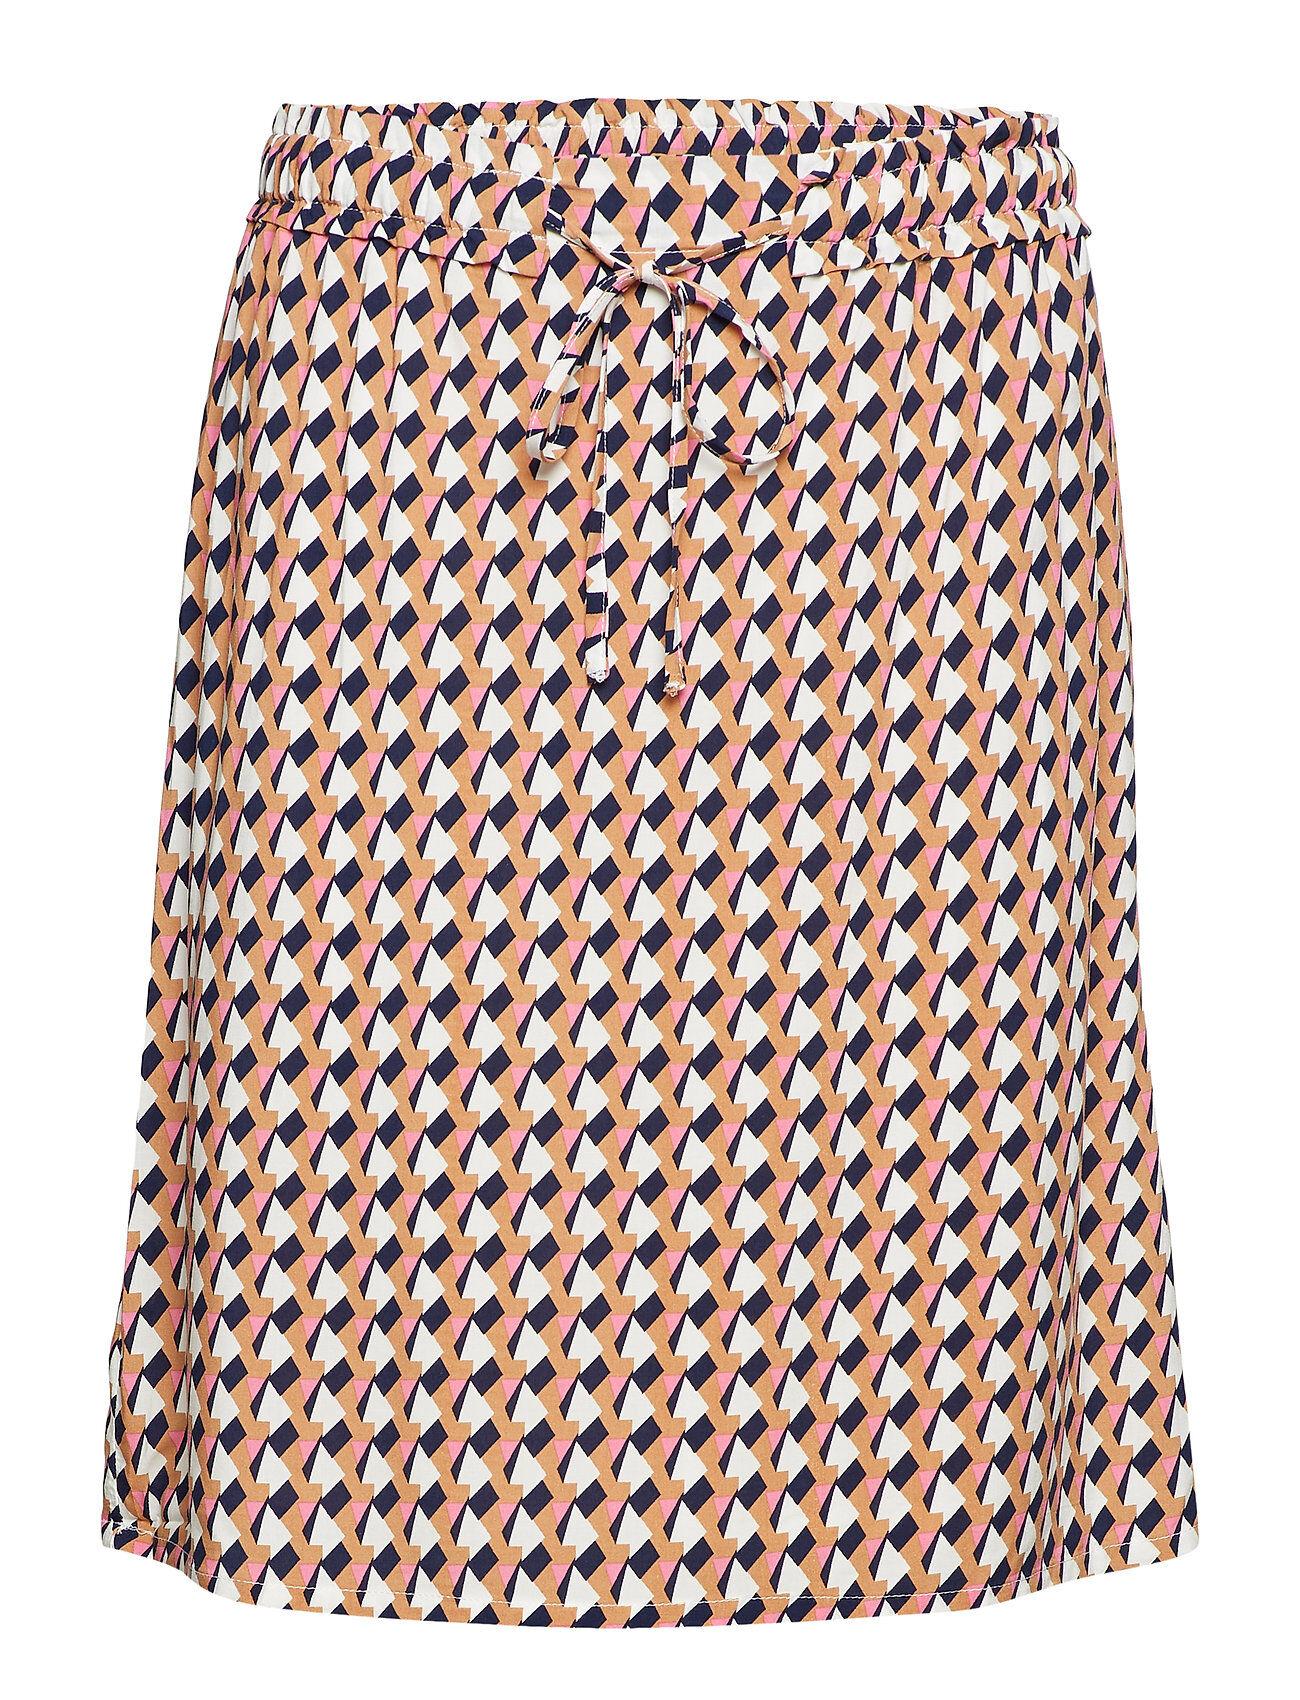 Minus Noelle Skirt